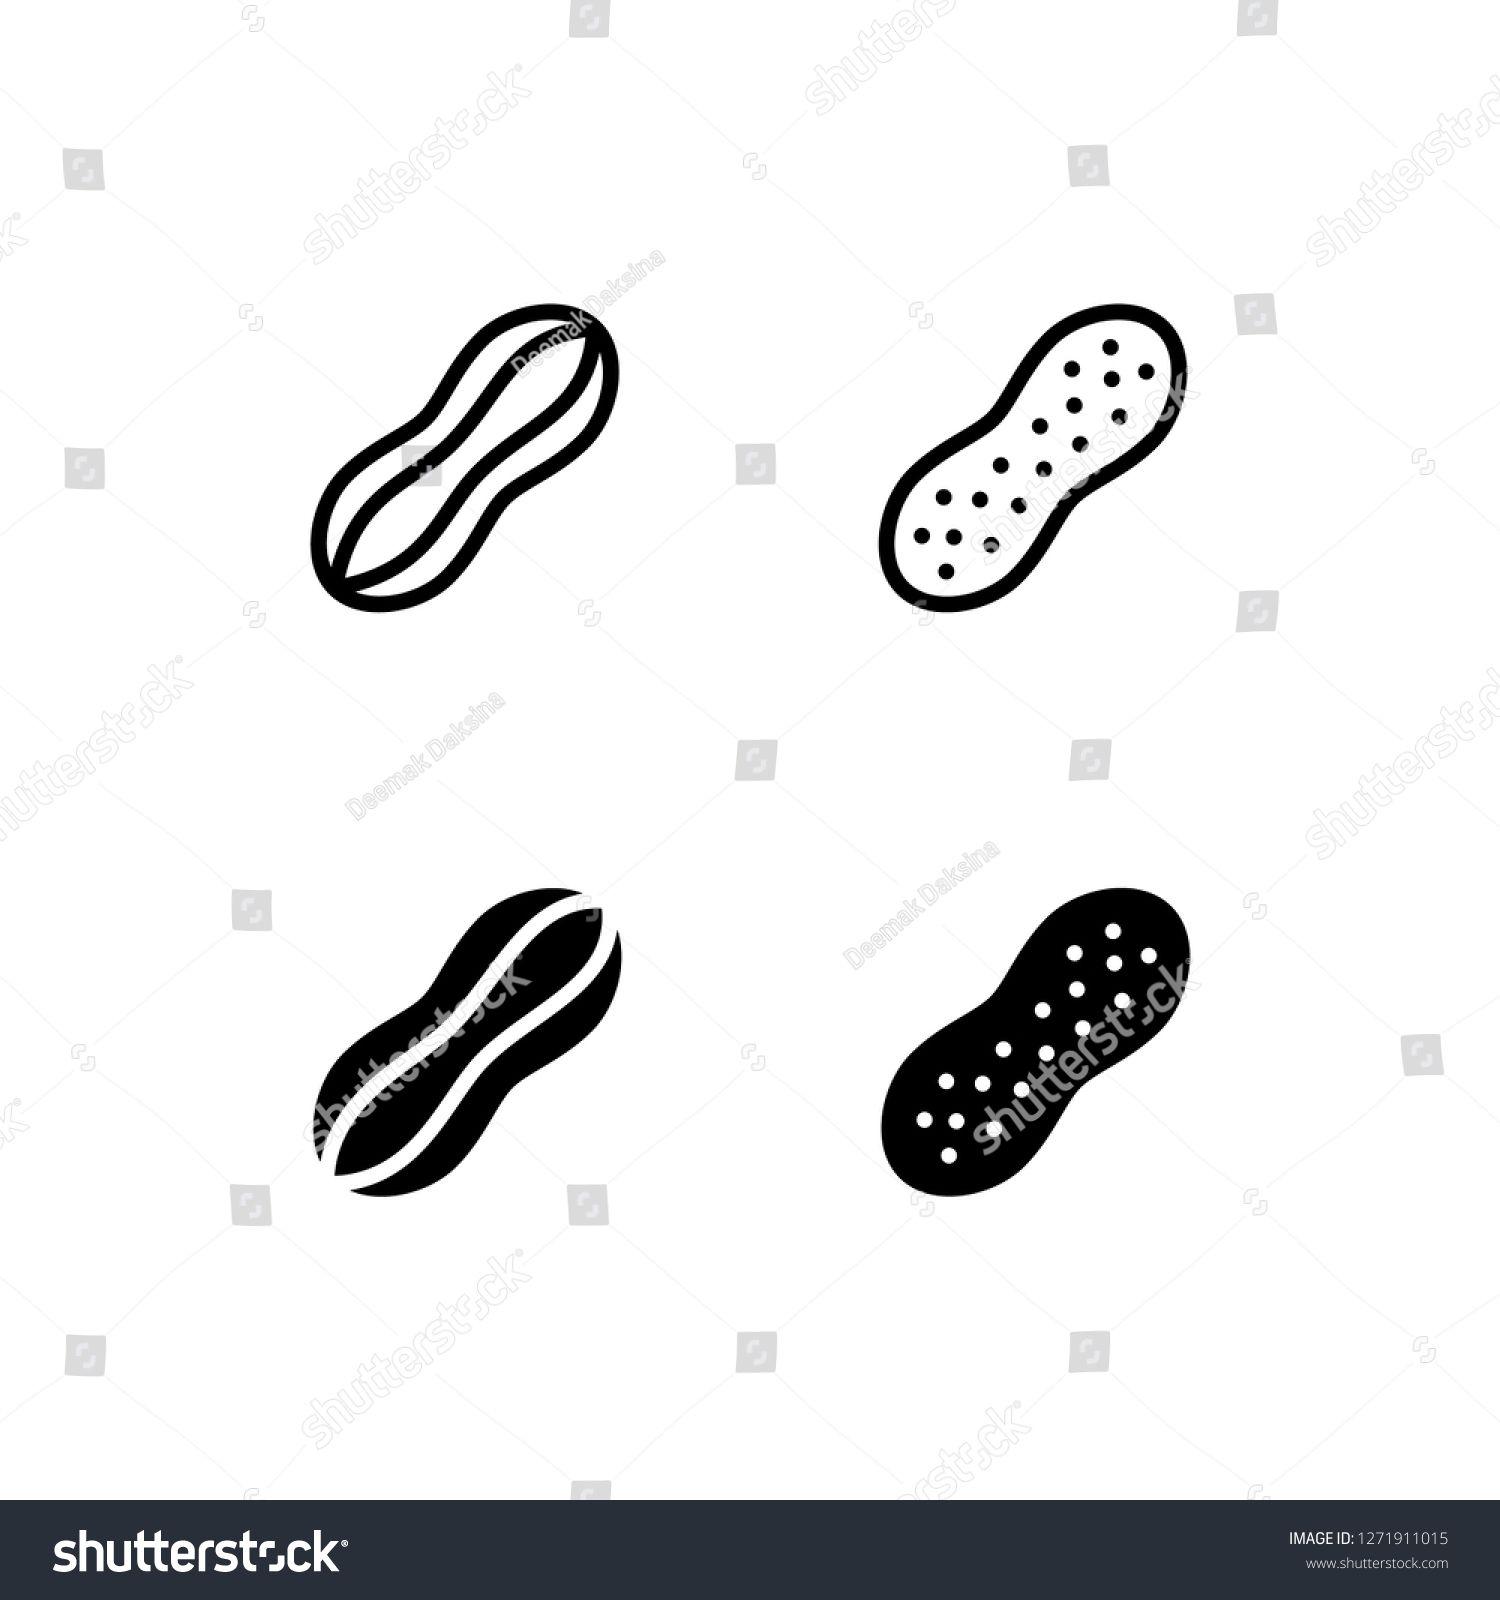 Peanut Icon Design. peanut, nut, nutshell, snack, organic